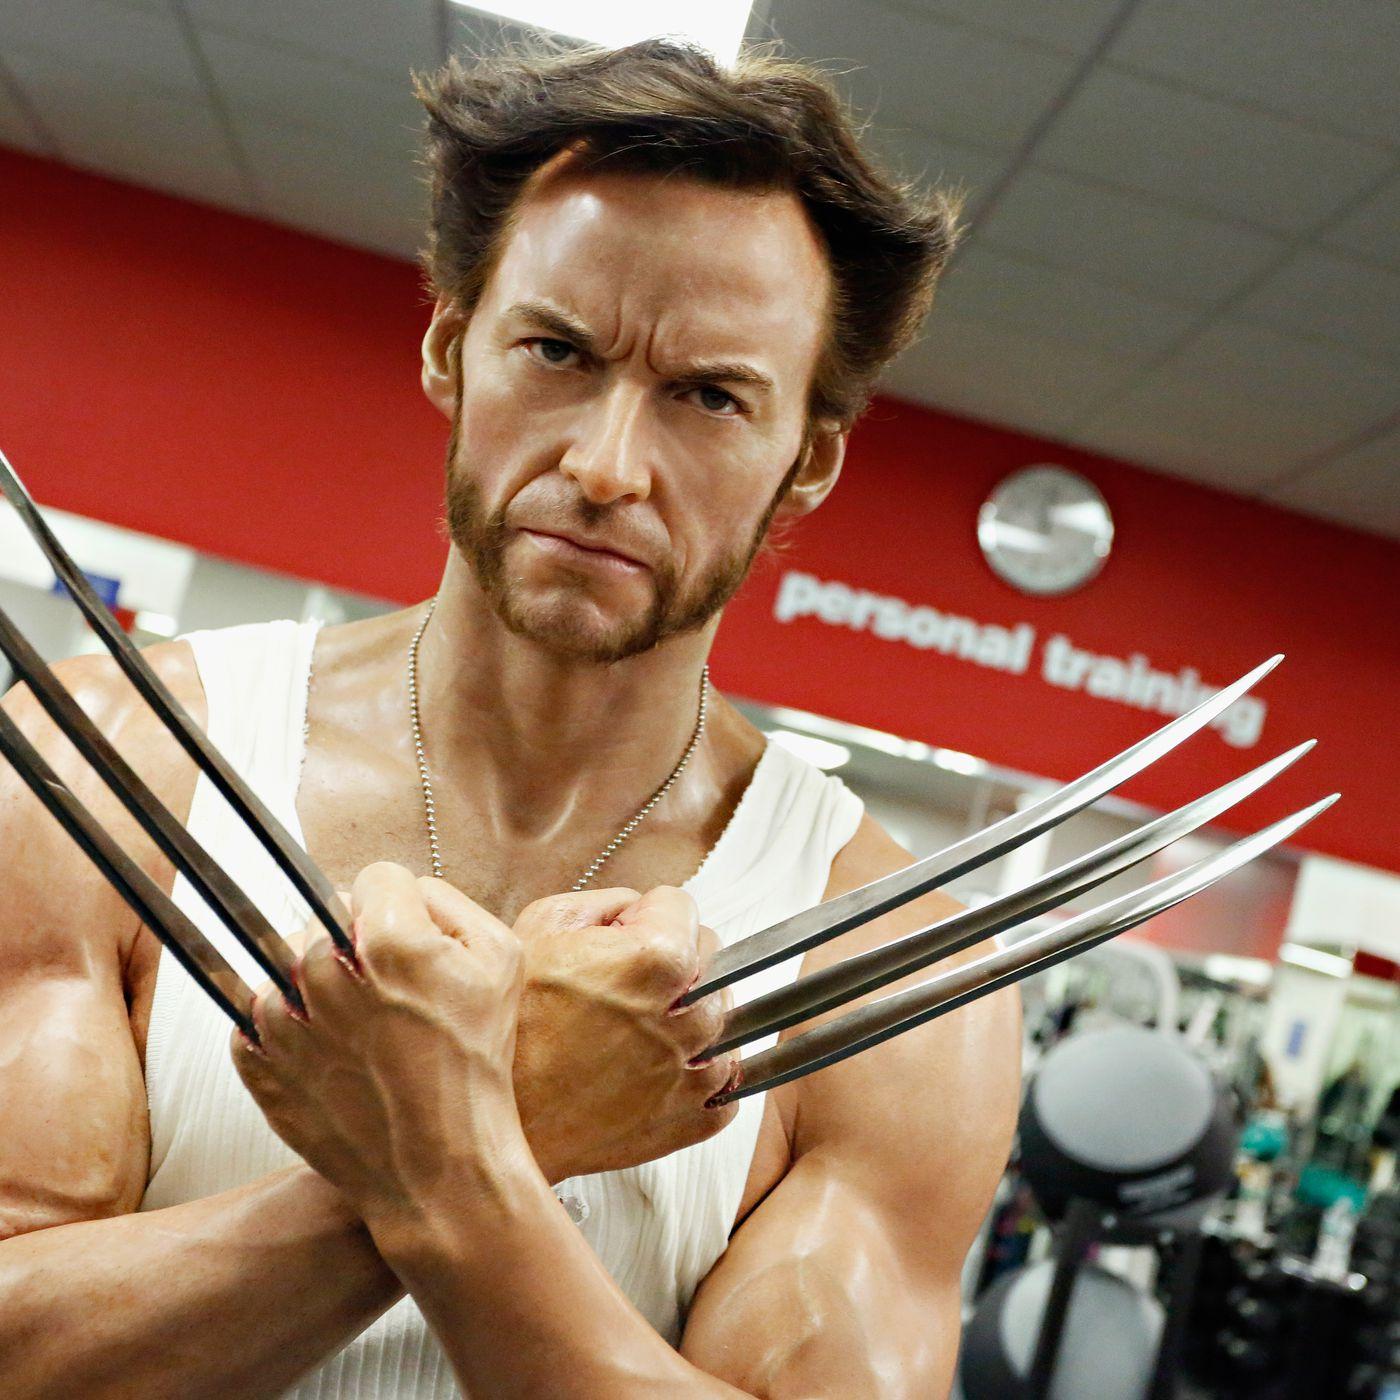 The Wolverine Diet Vox